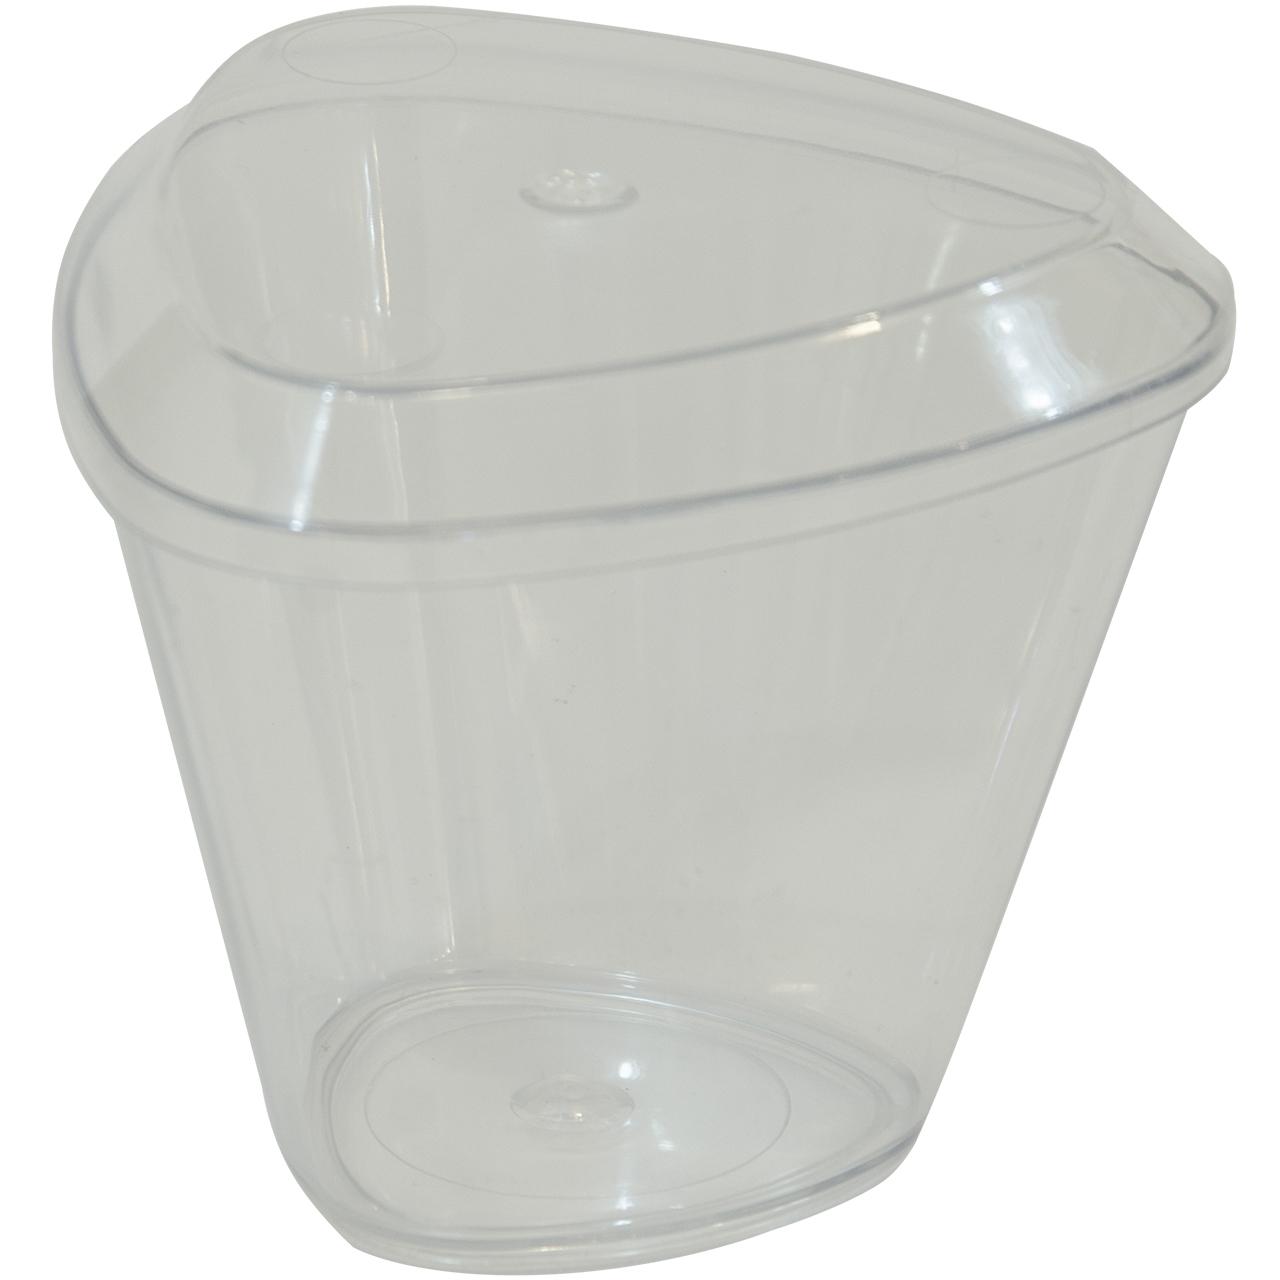 عکس ظرف دسر یکبار مصرف روشا پلاست مدل Crystal بسته 6 عددی